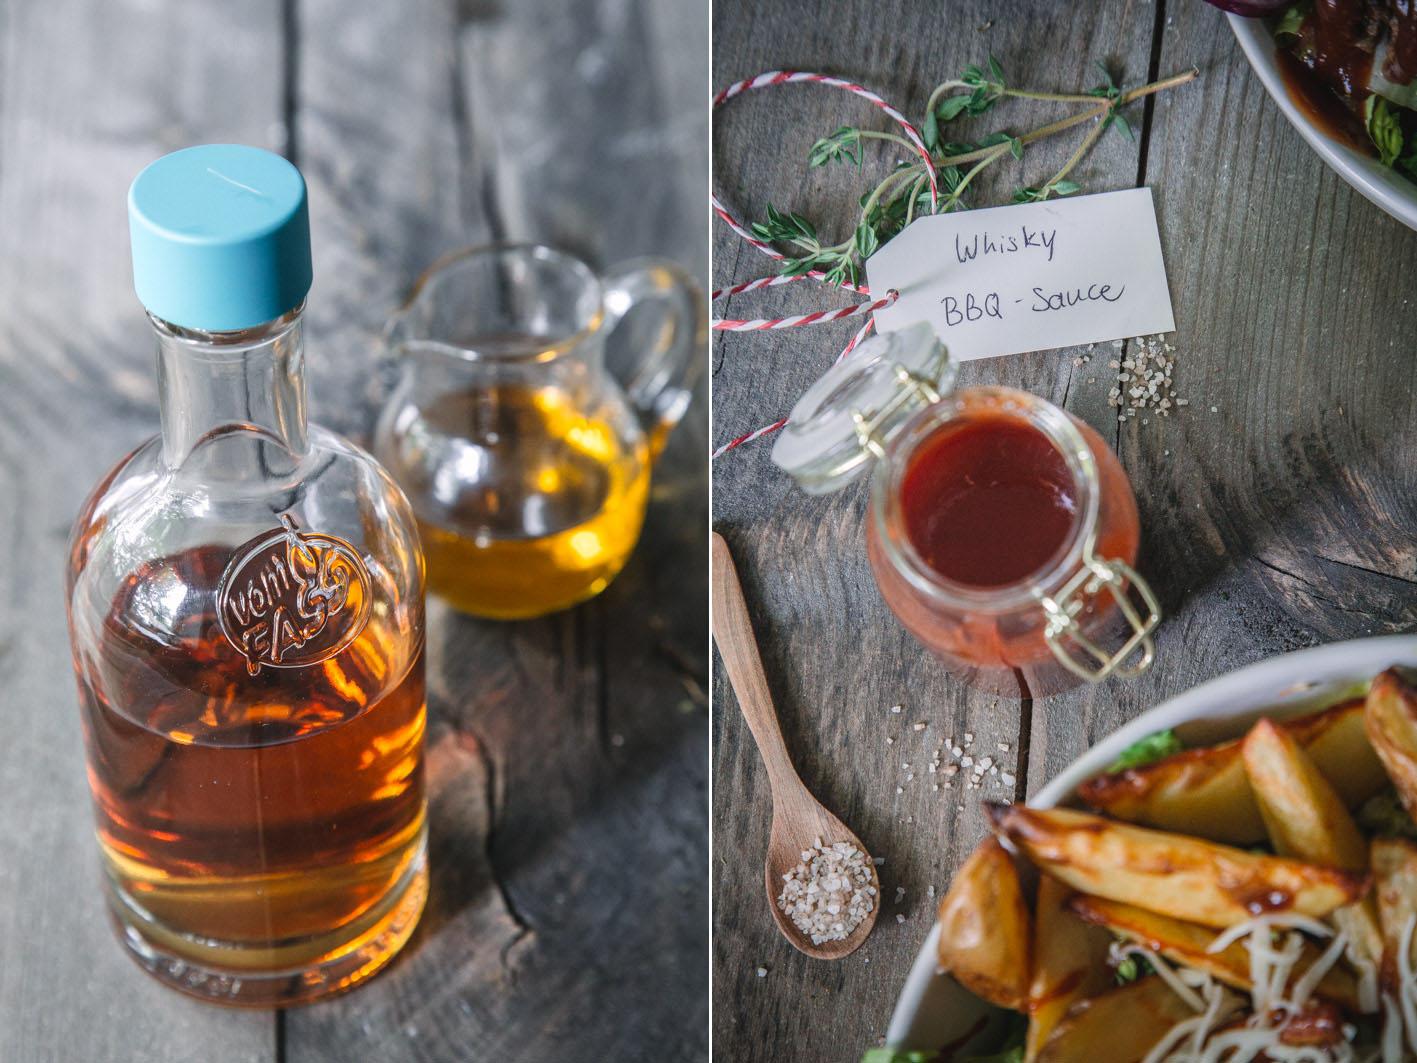 BBQ Sauce mit Whiskey